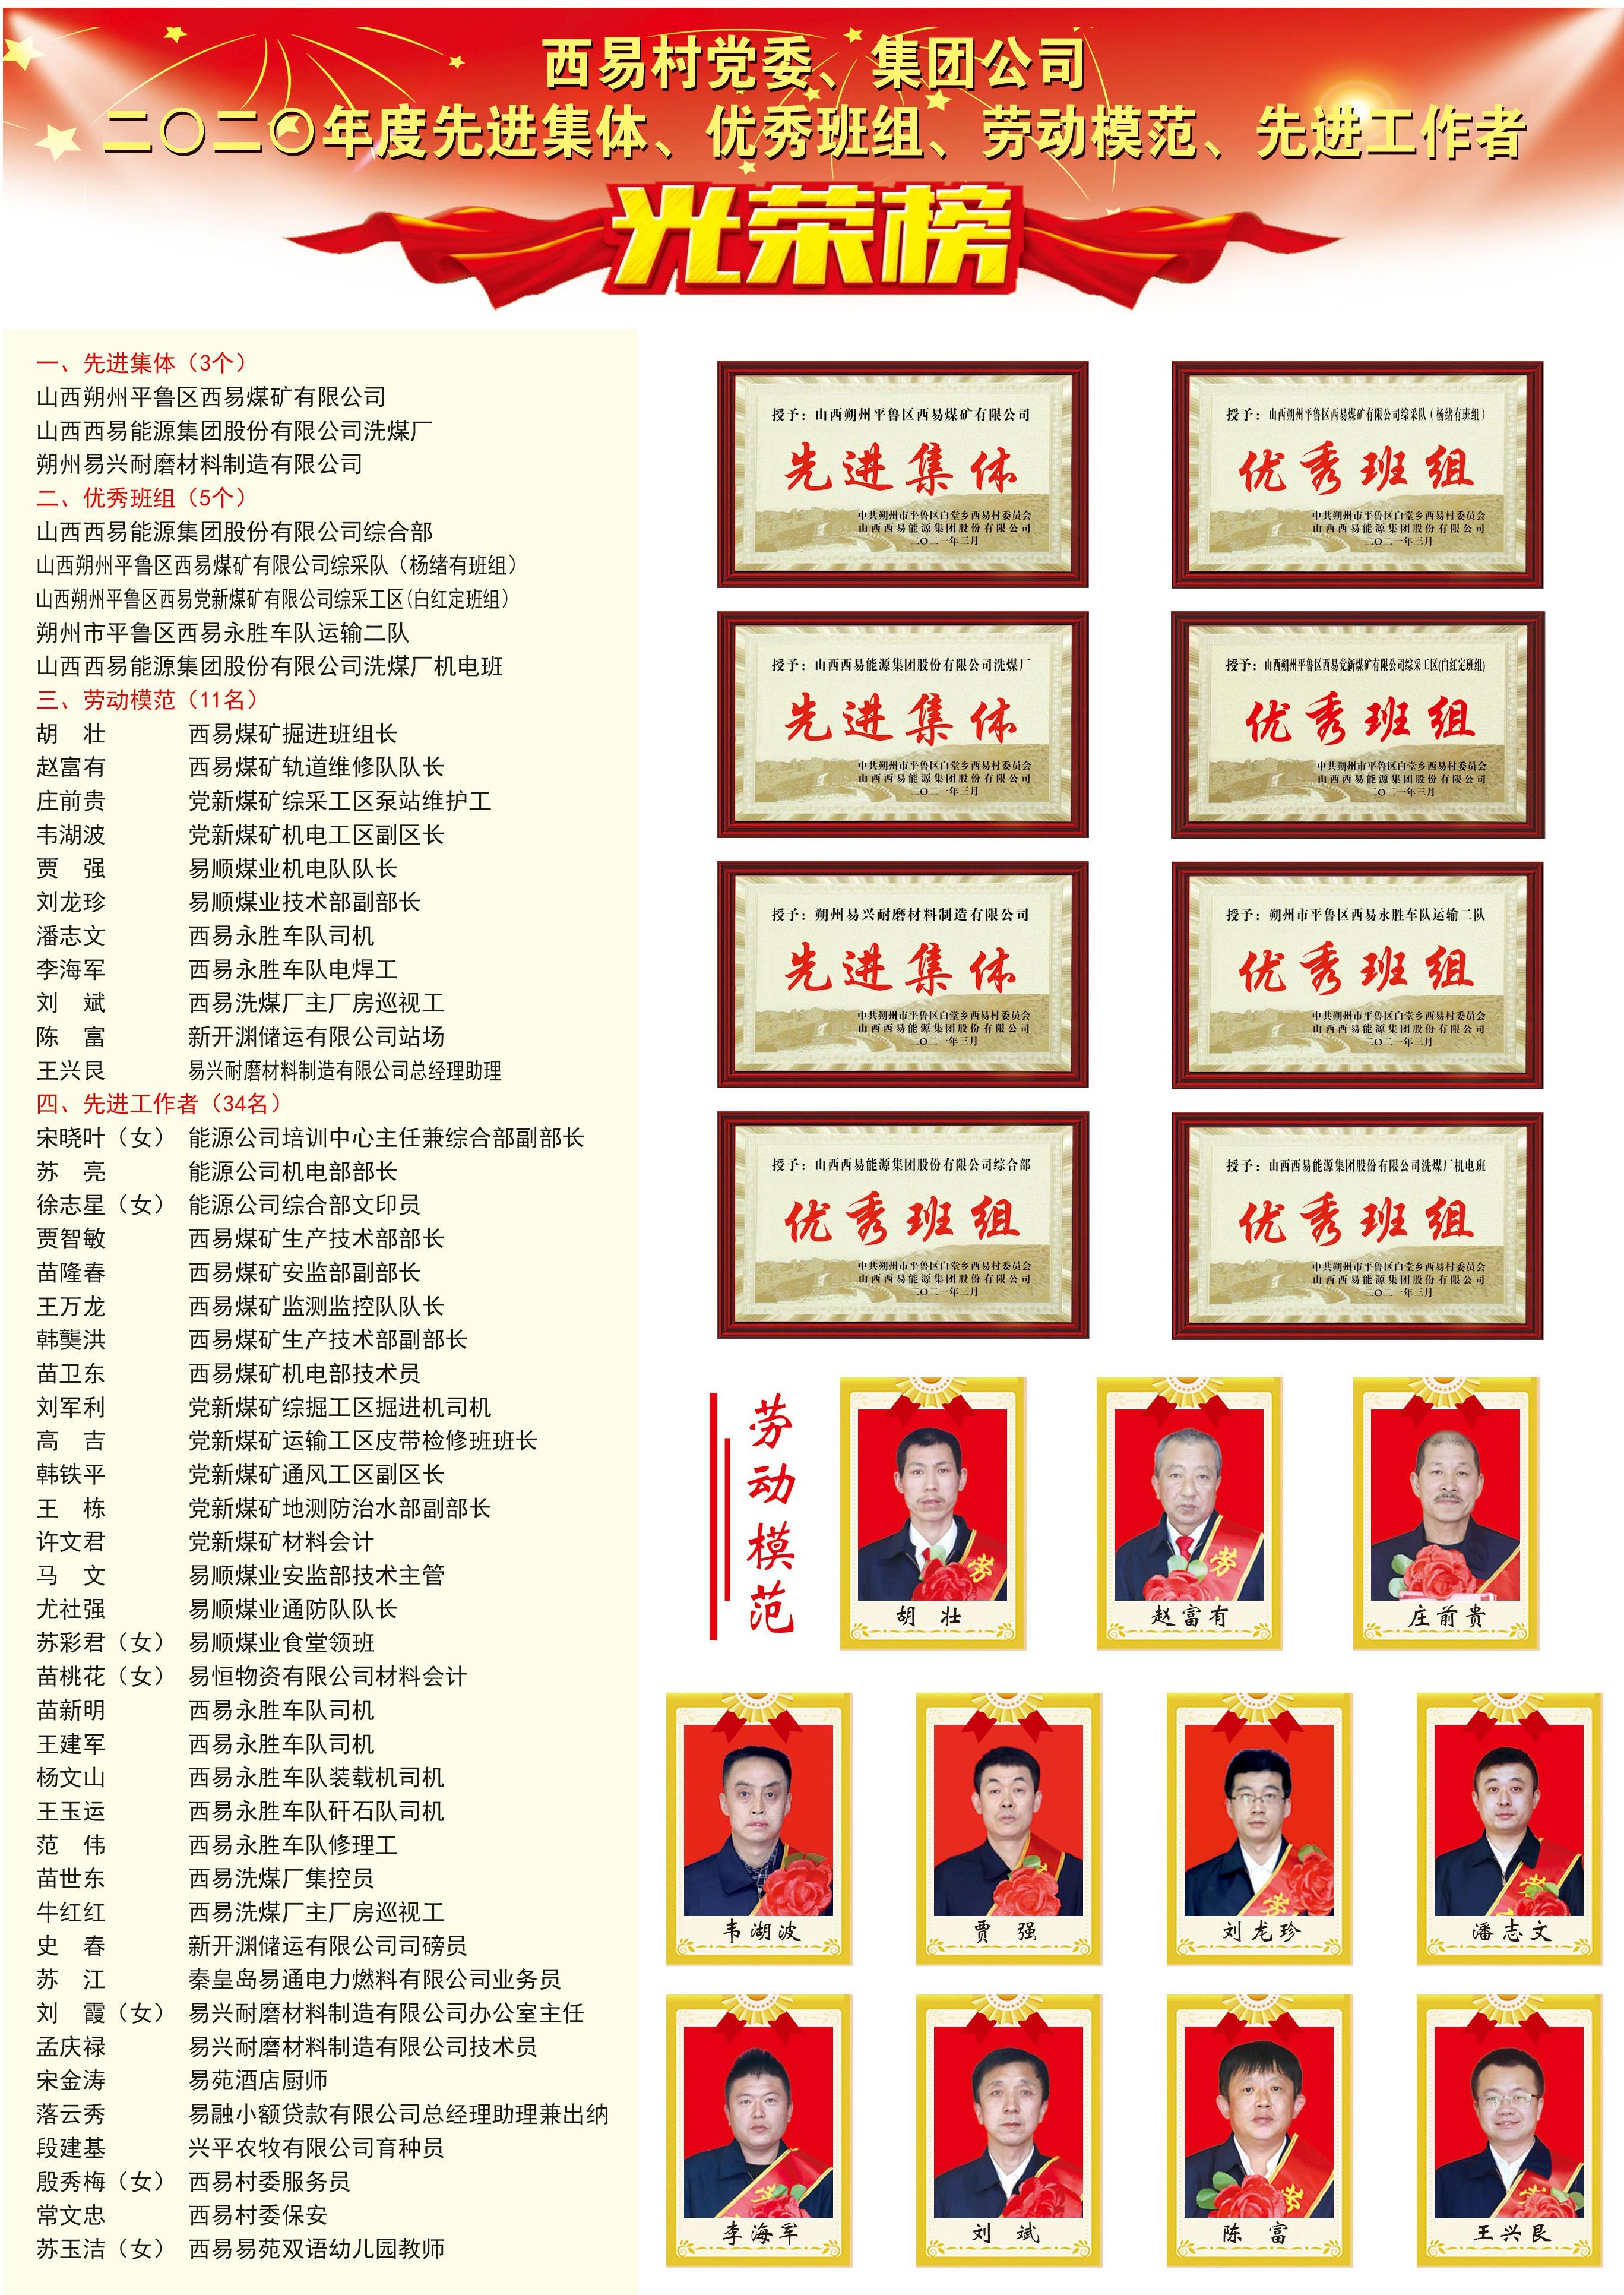 西易村党委、集团企业二〇二〇年度先进集体、优秀班组、劳动模范、先进工编辑光荣榜